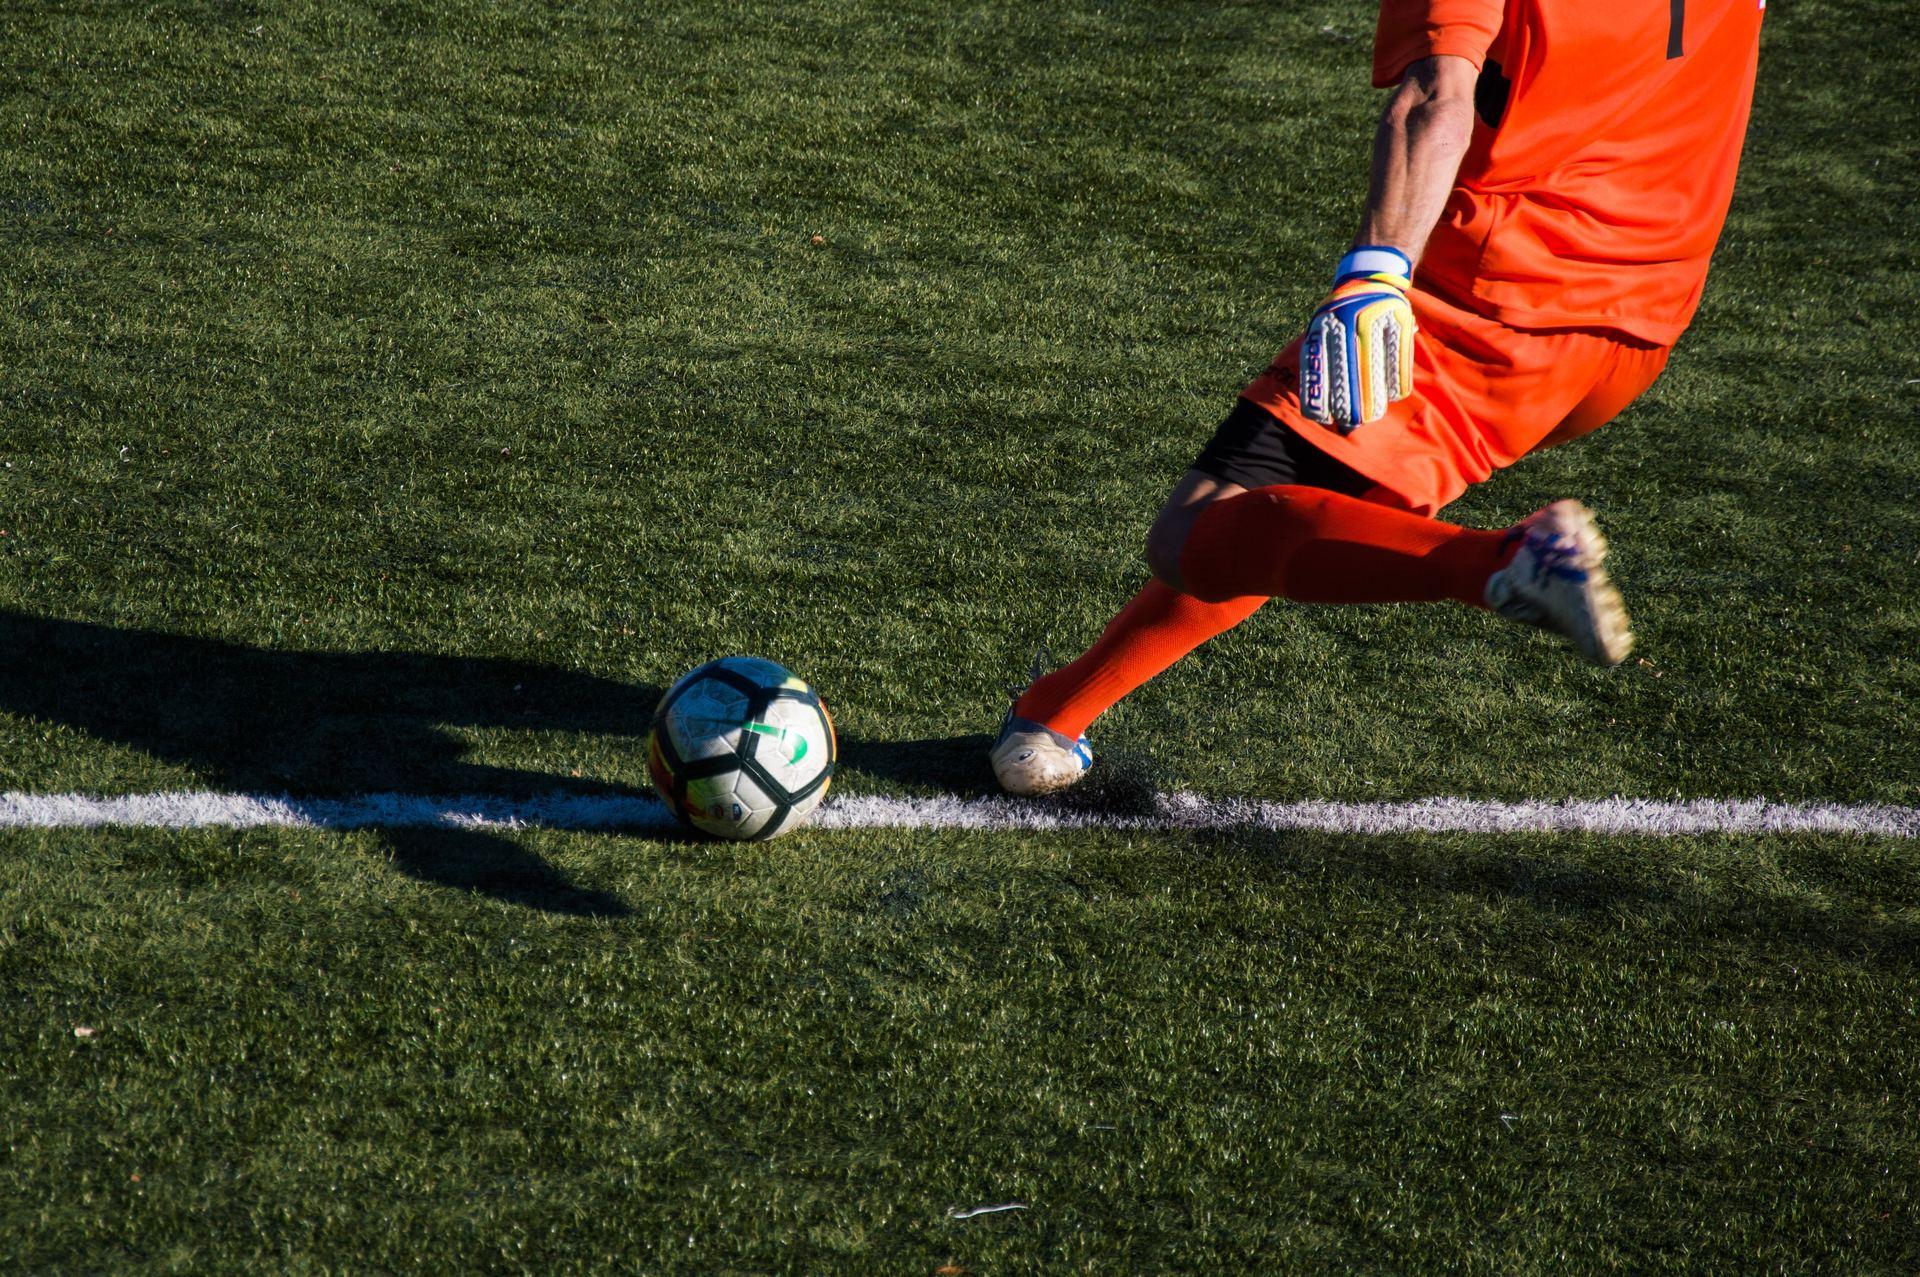 Er der forskel på fodbold?